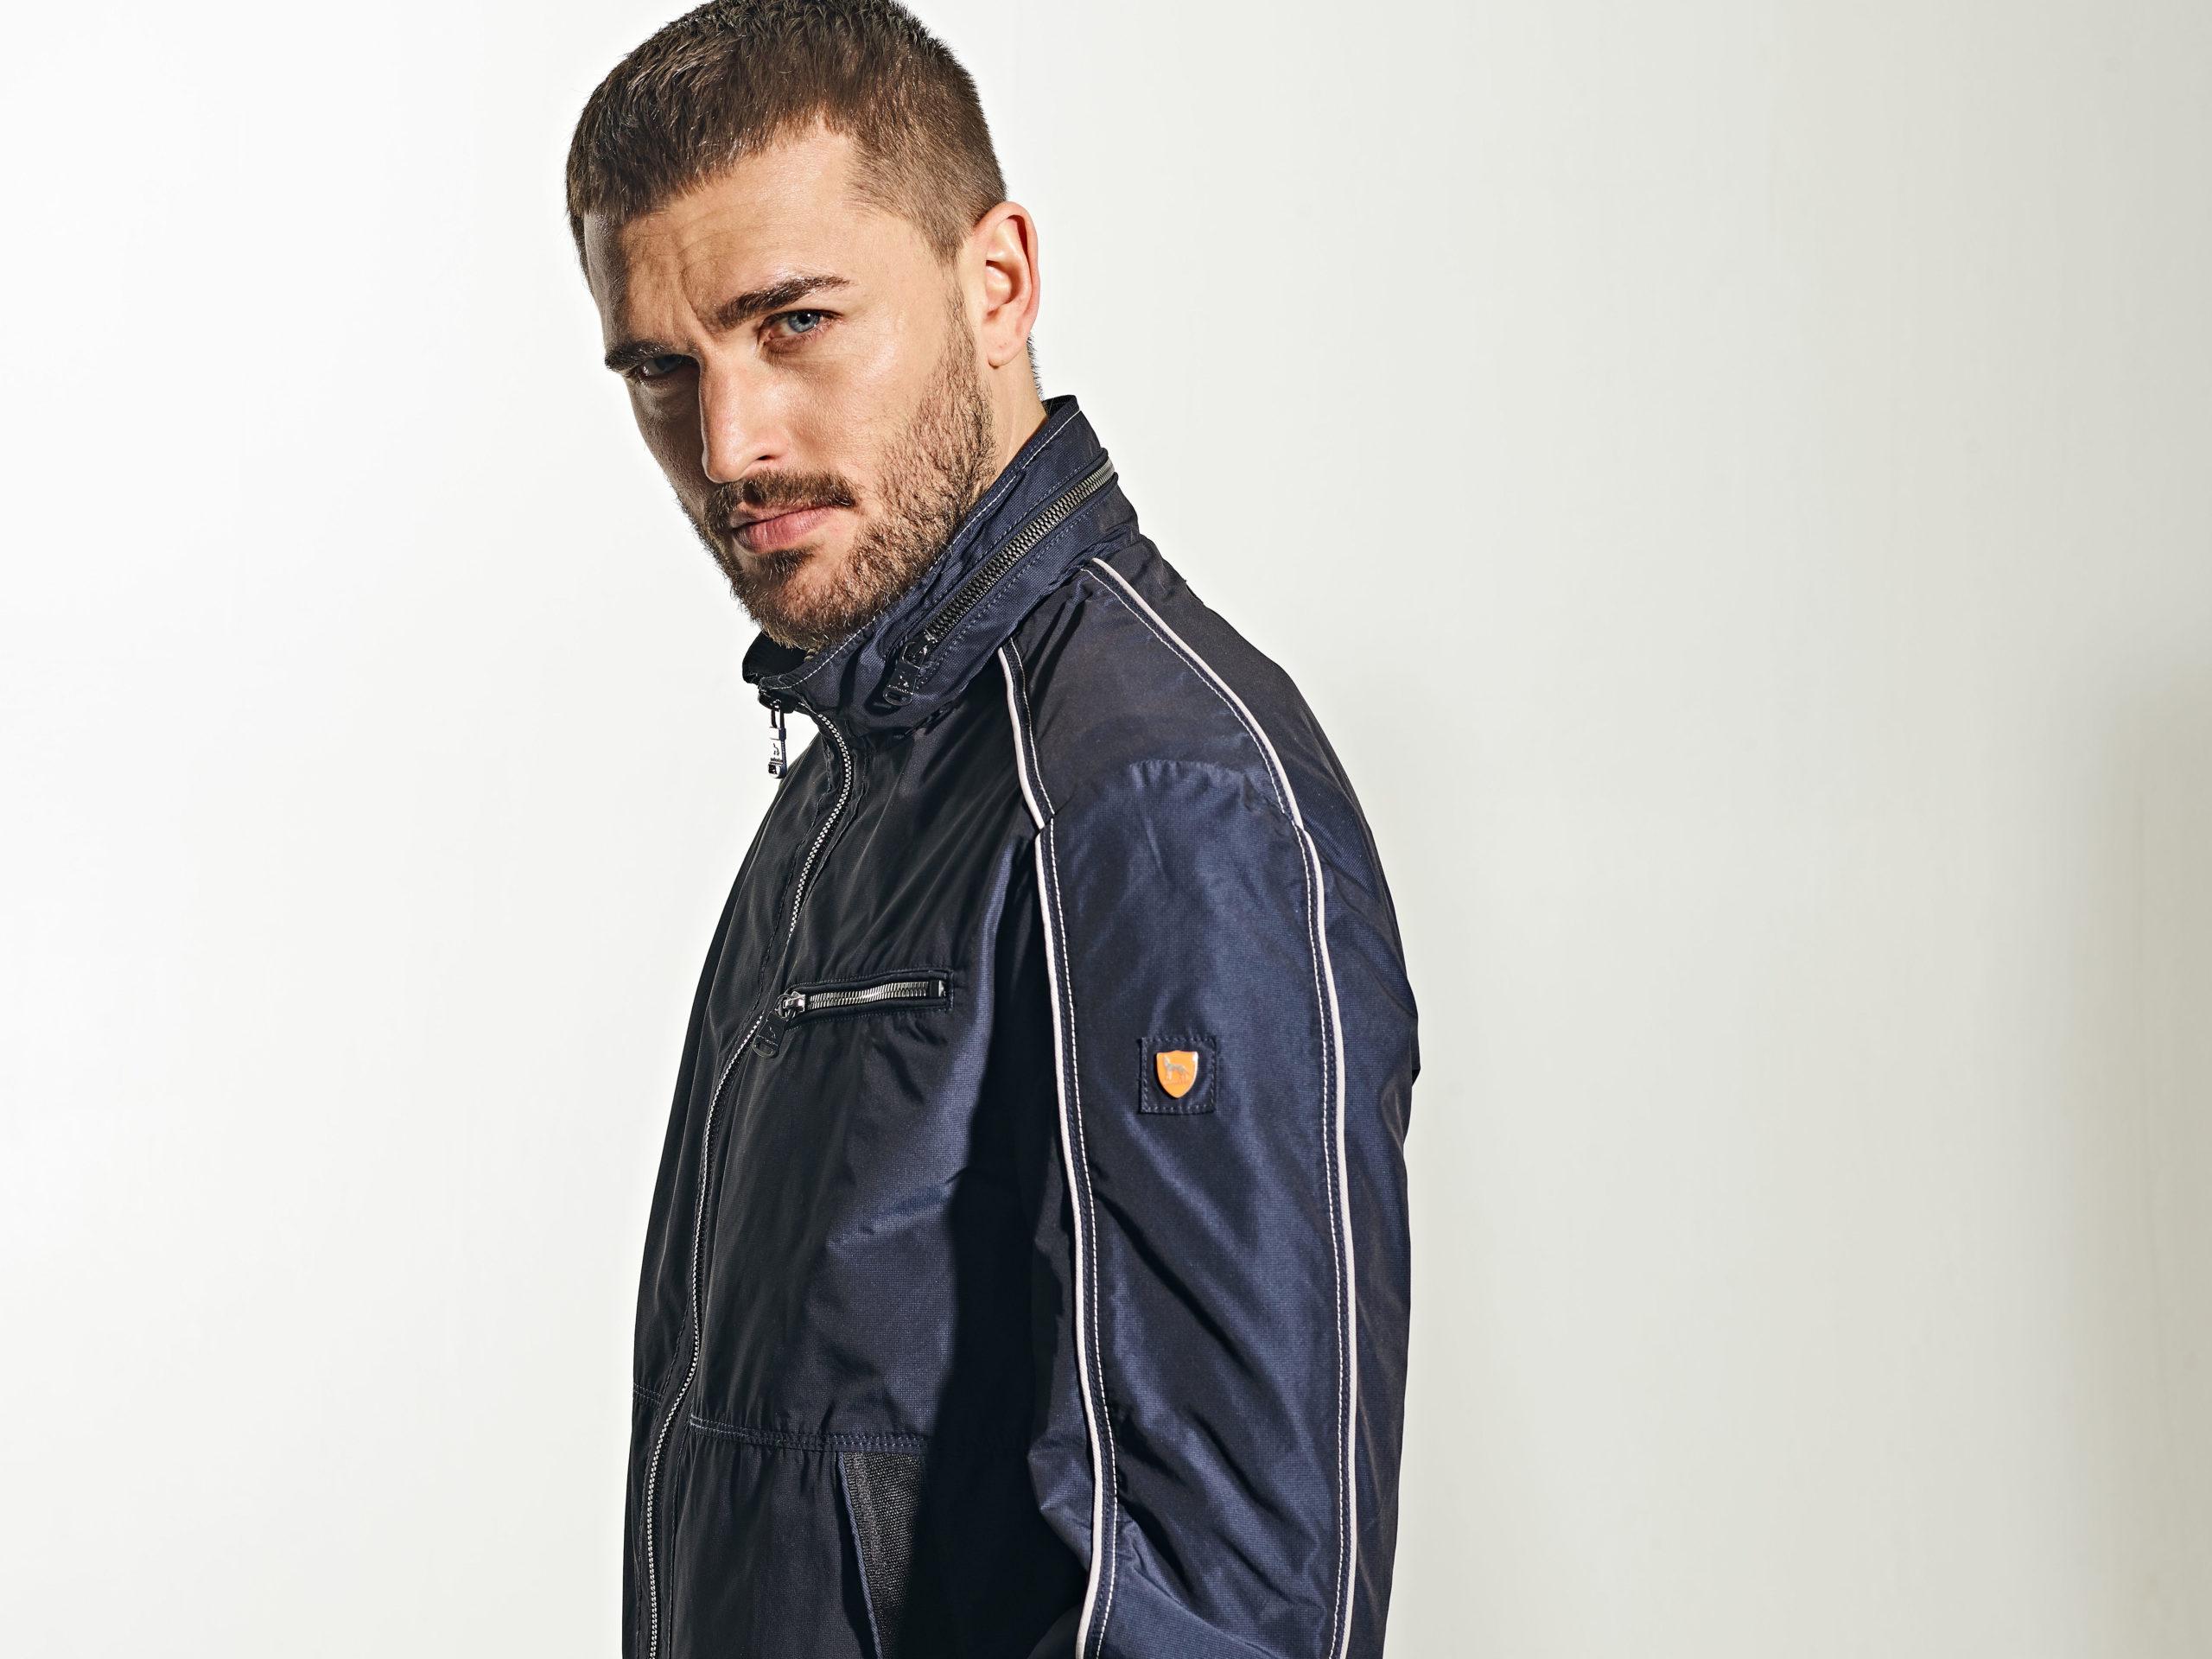 Mann in sportiver Jacke vor cleanem Hintergrund